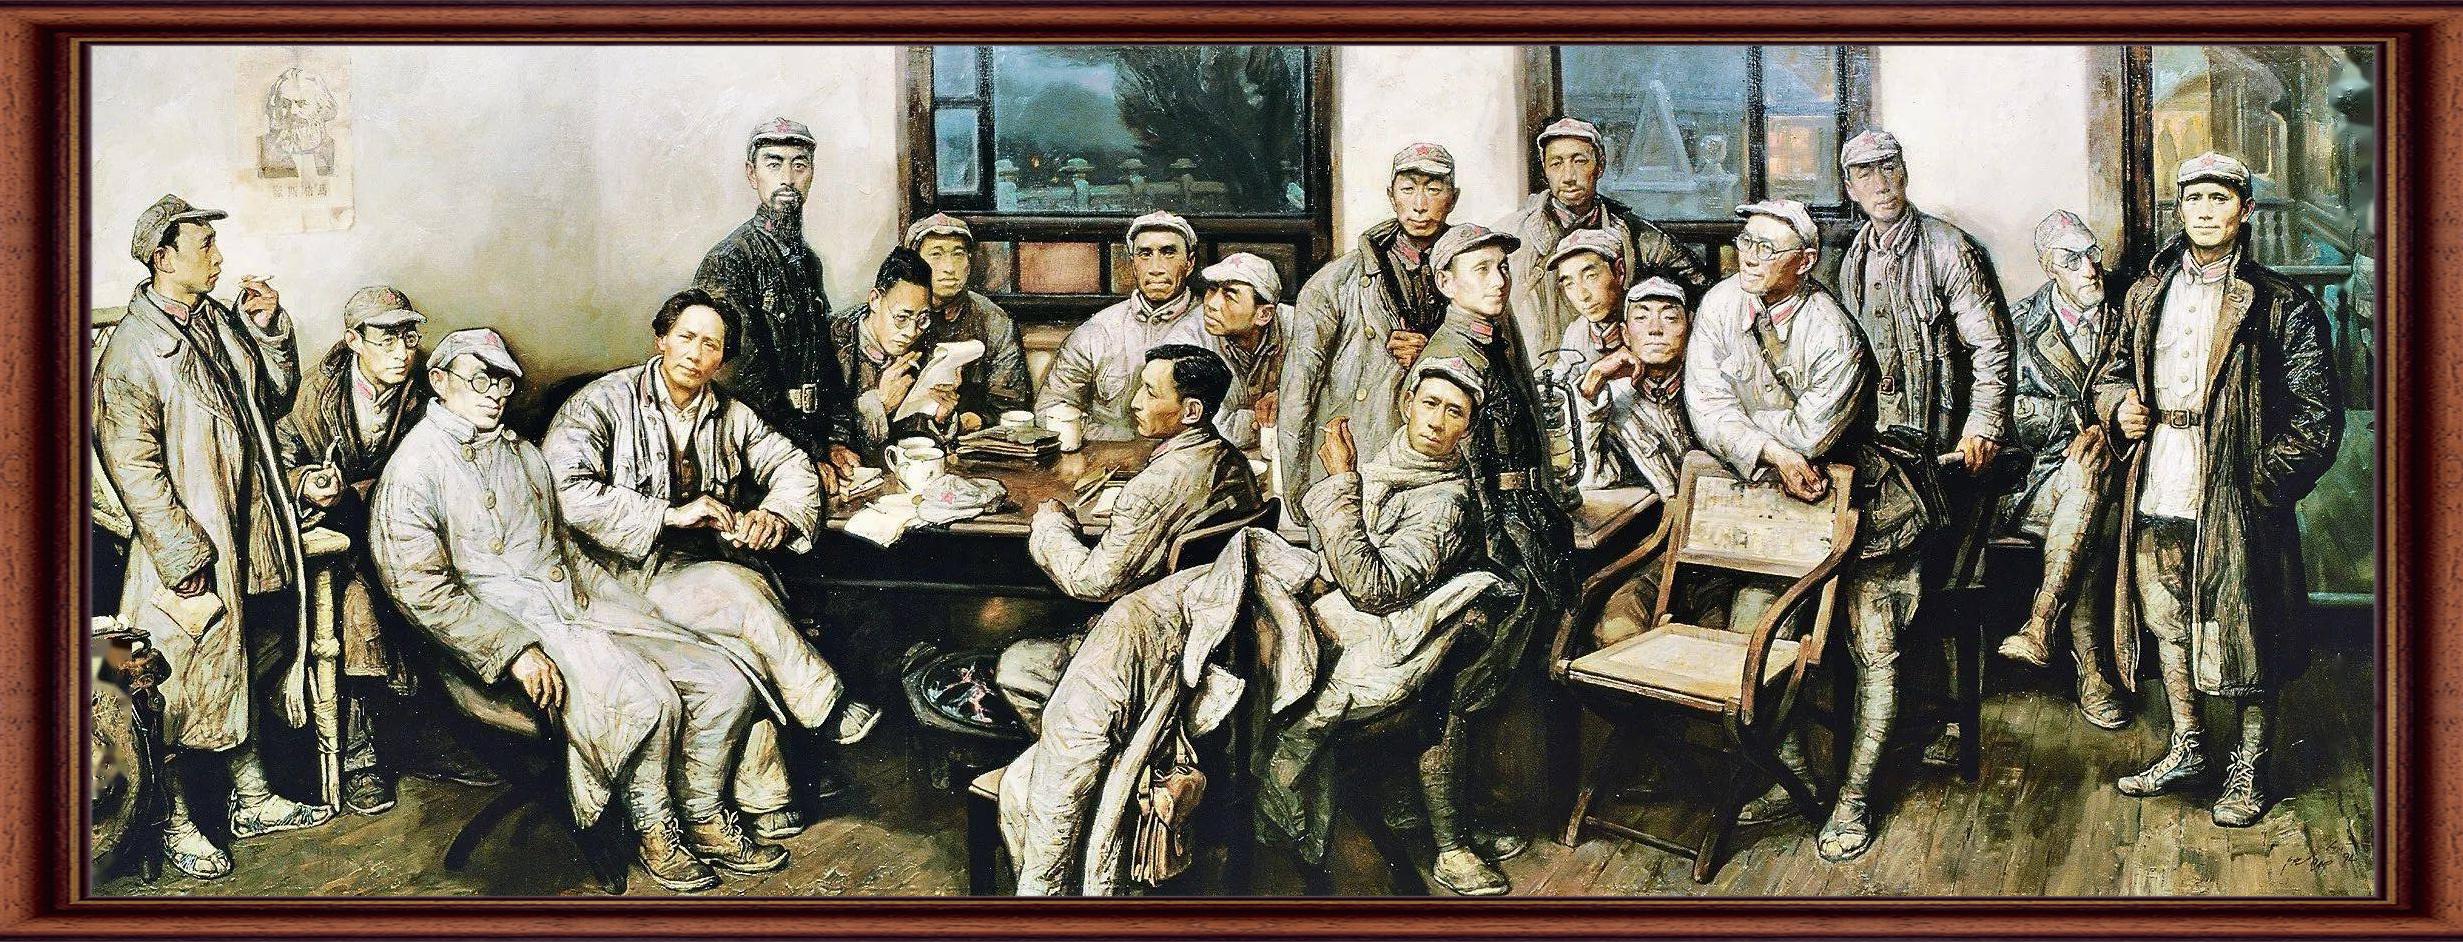 沈尧伊 《遵义会议》 油画  1994年